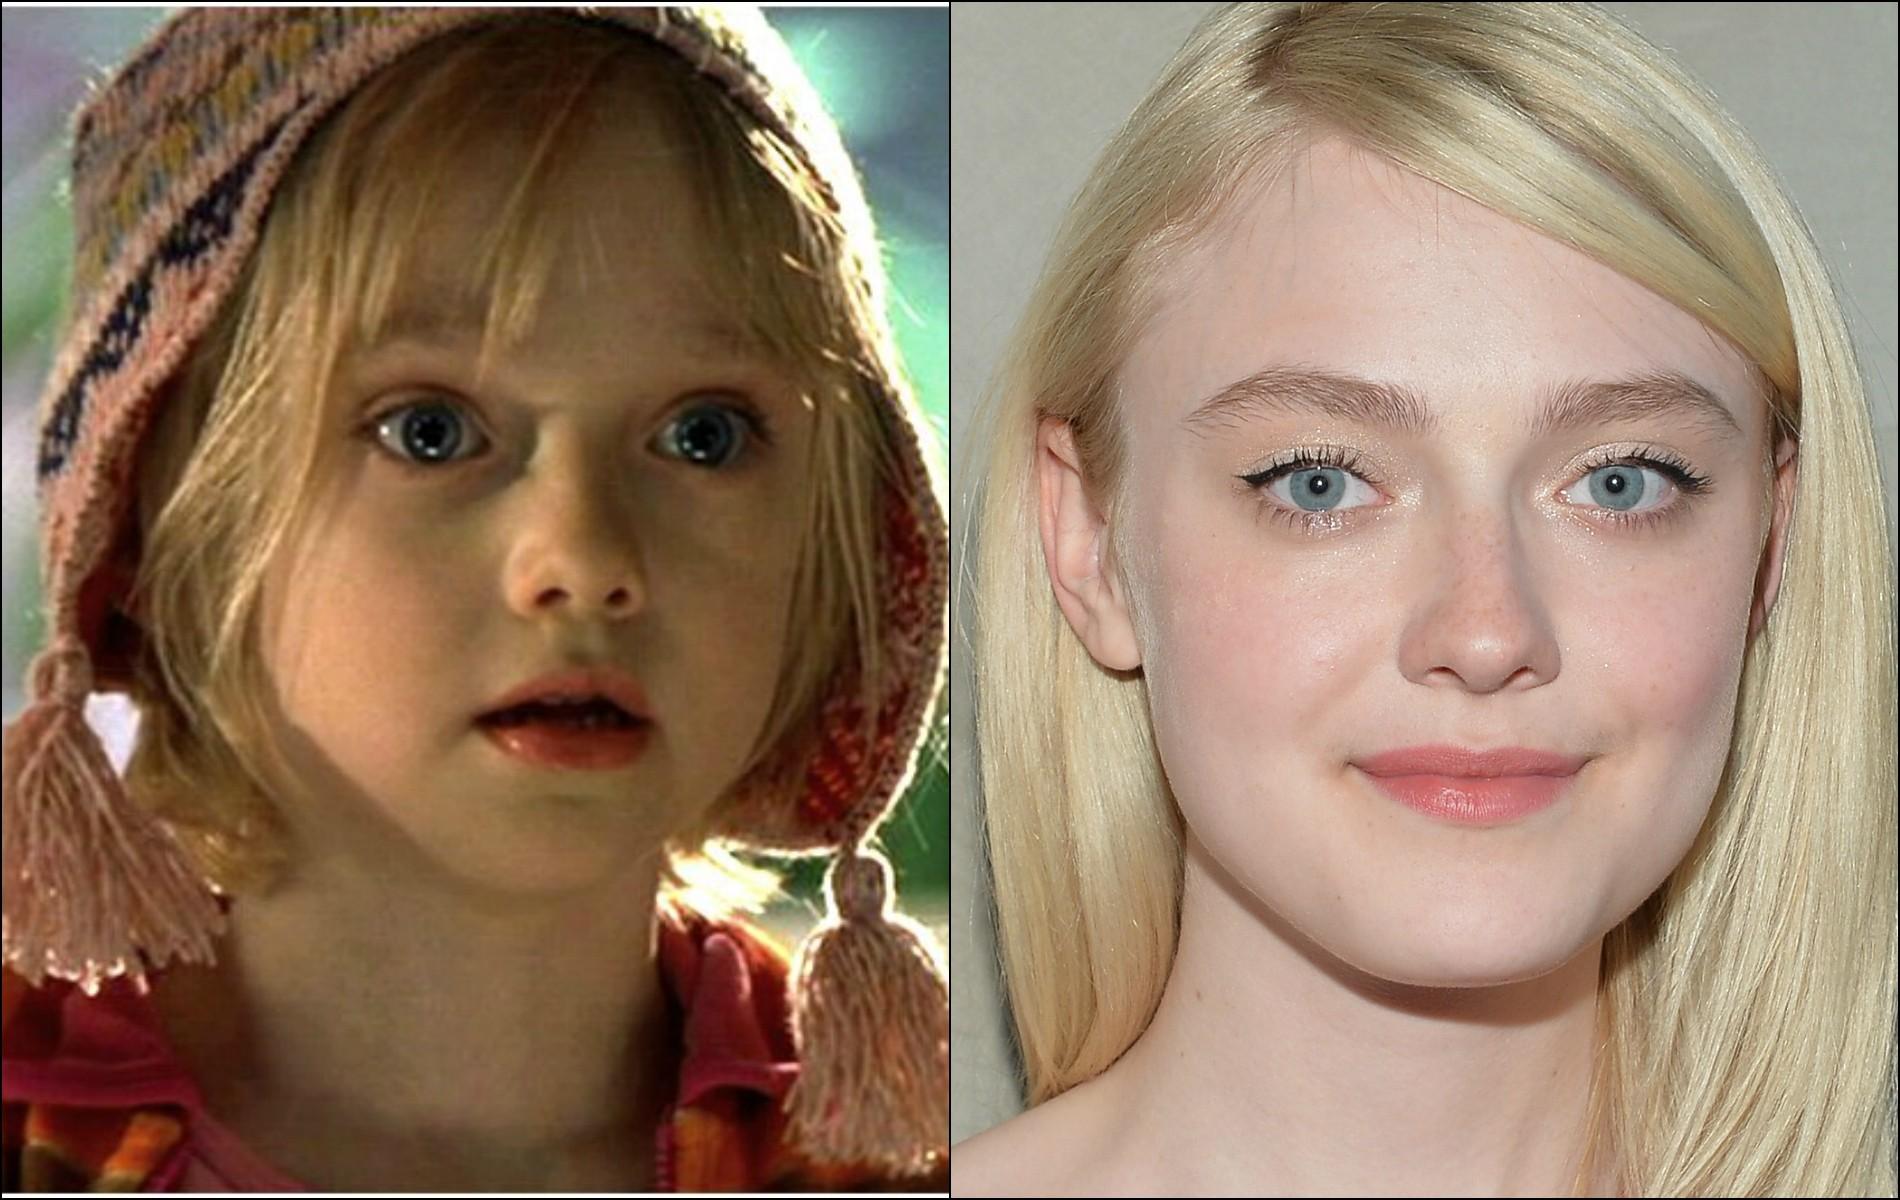 Dakota Fanning estreou em tela grande com 'Uma Lição de Amor' (2001), quando tinha 7 aninhos. Agora tem 20. (Foto: Reprodução e Getty Images)